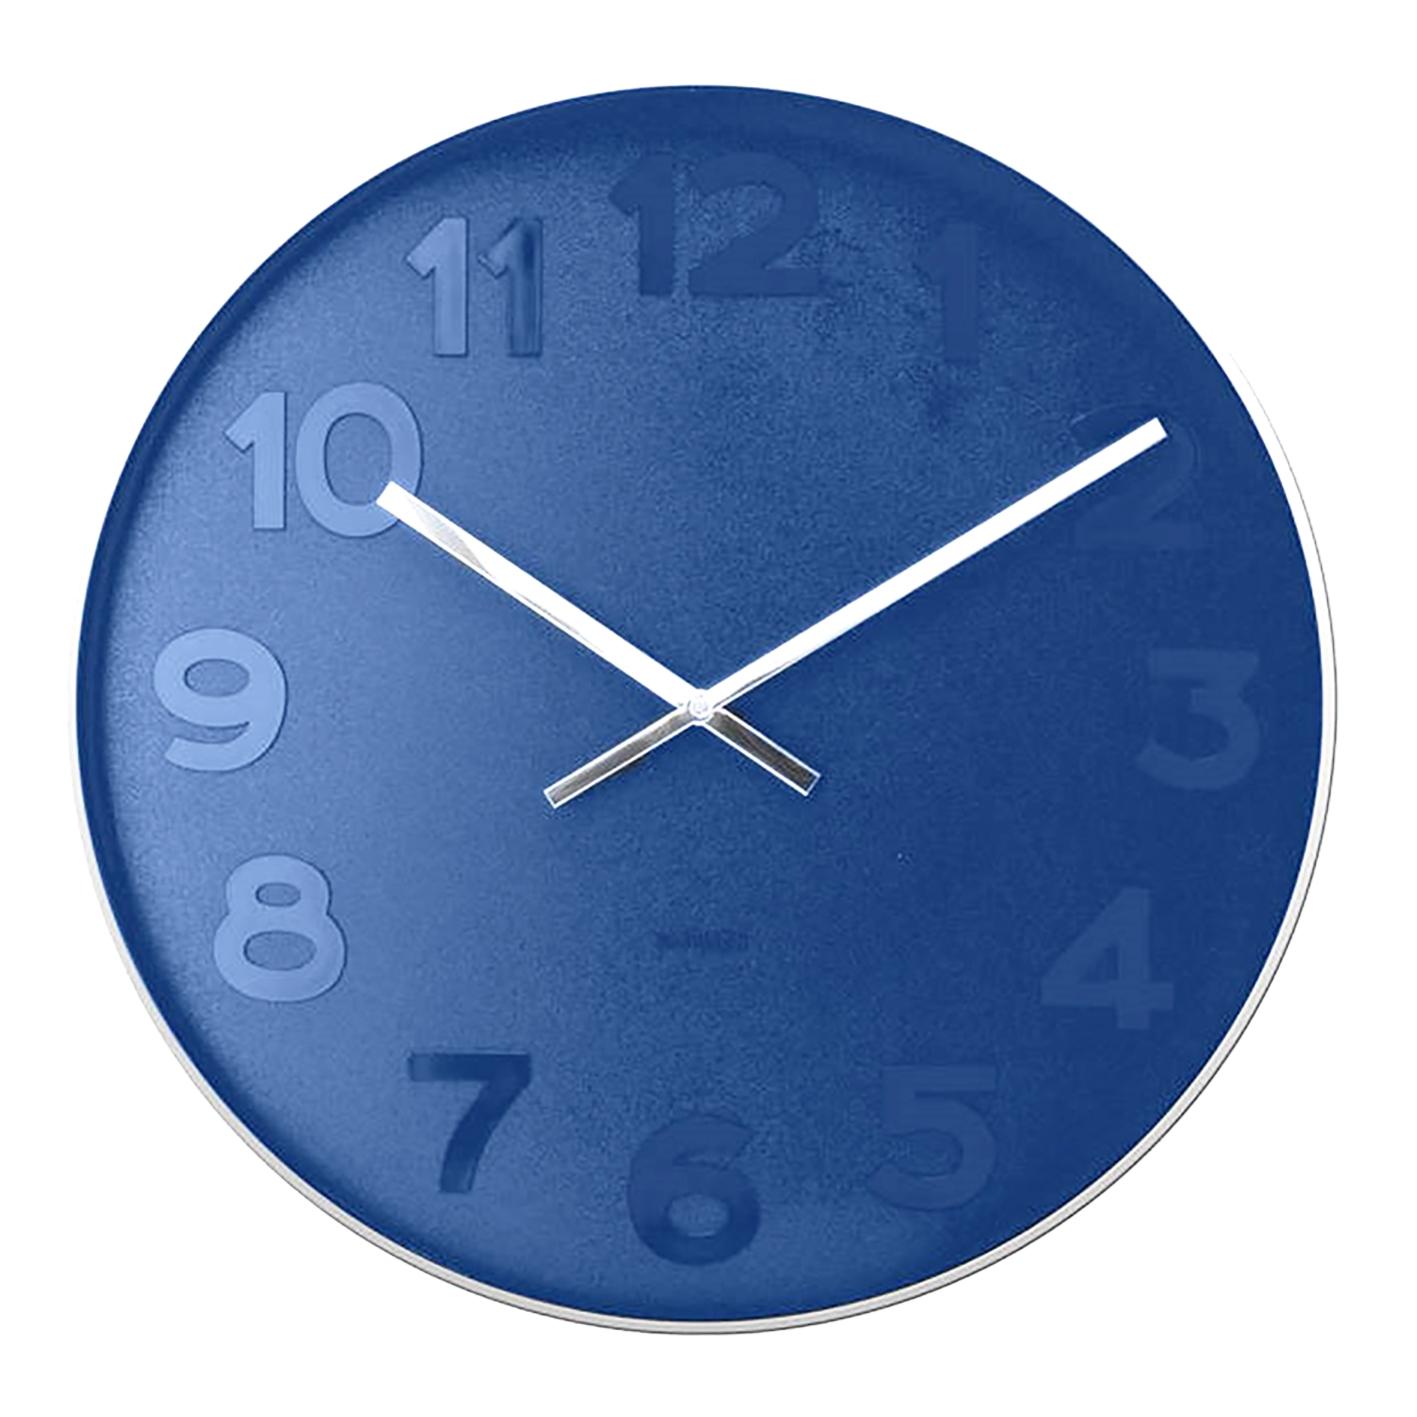 Karlsson's Mr Blue steel rim wall clock, £68.32. Find brand at Wayfair